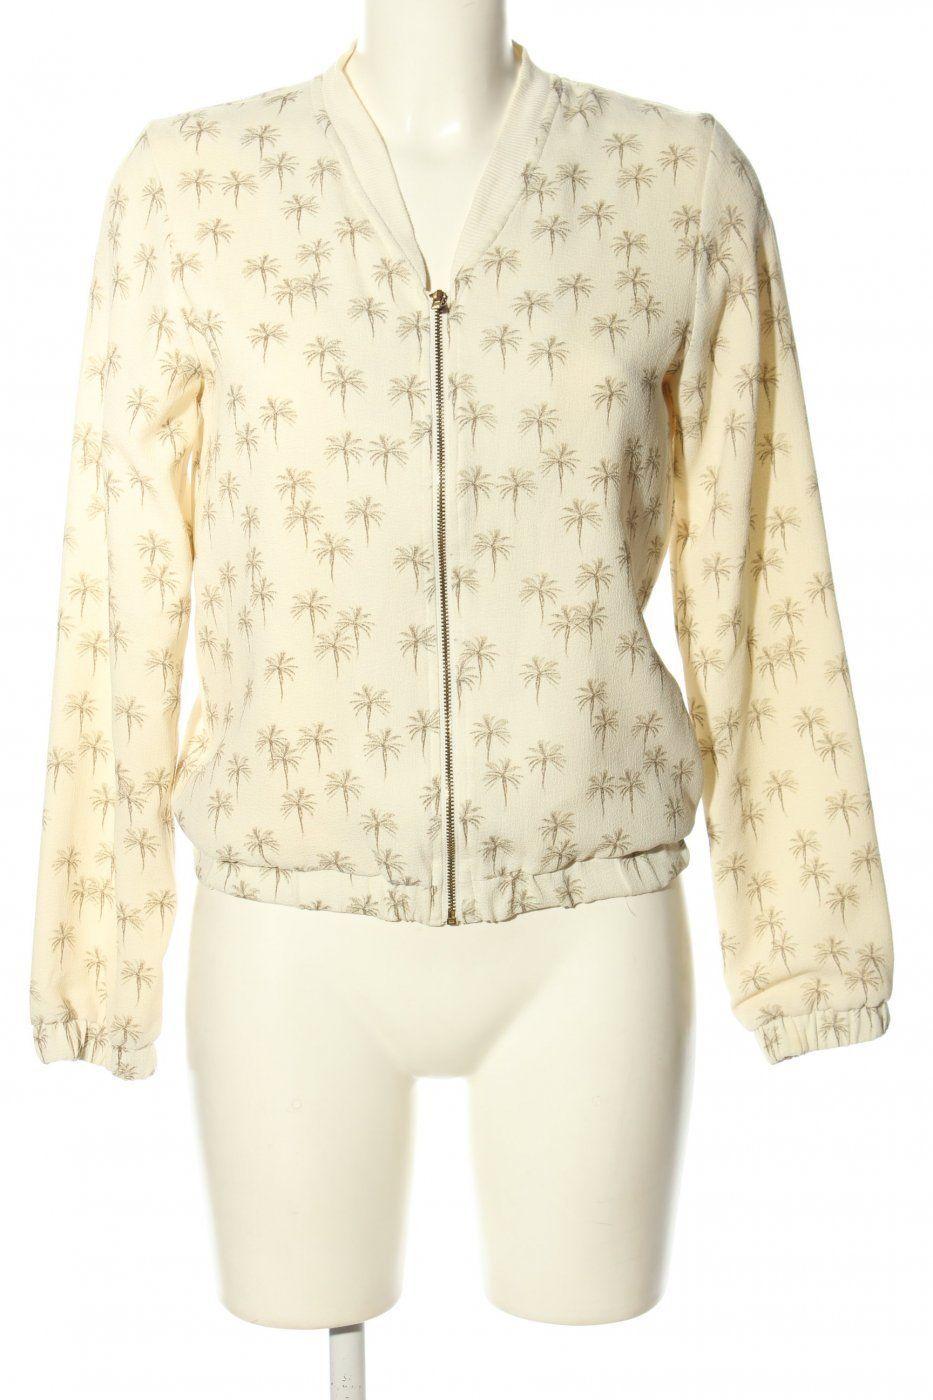 Pull Bear Chaqueta Blanca Marrón Por Todo La Impresión Look Casual Bear Jacket Casual Looks Casual